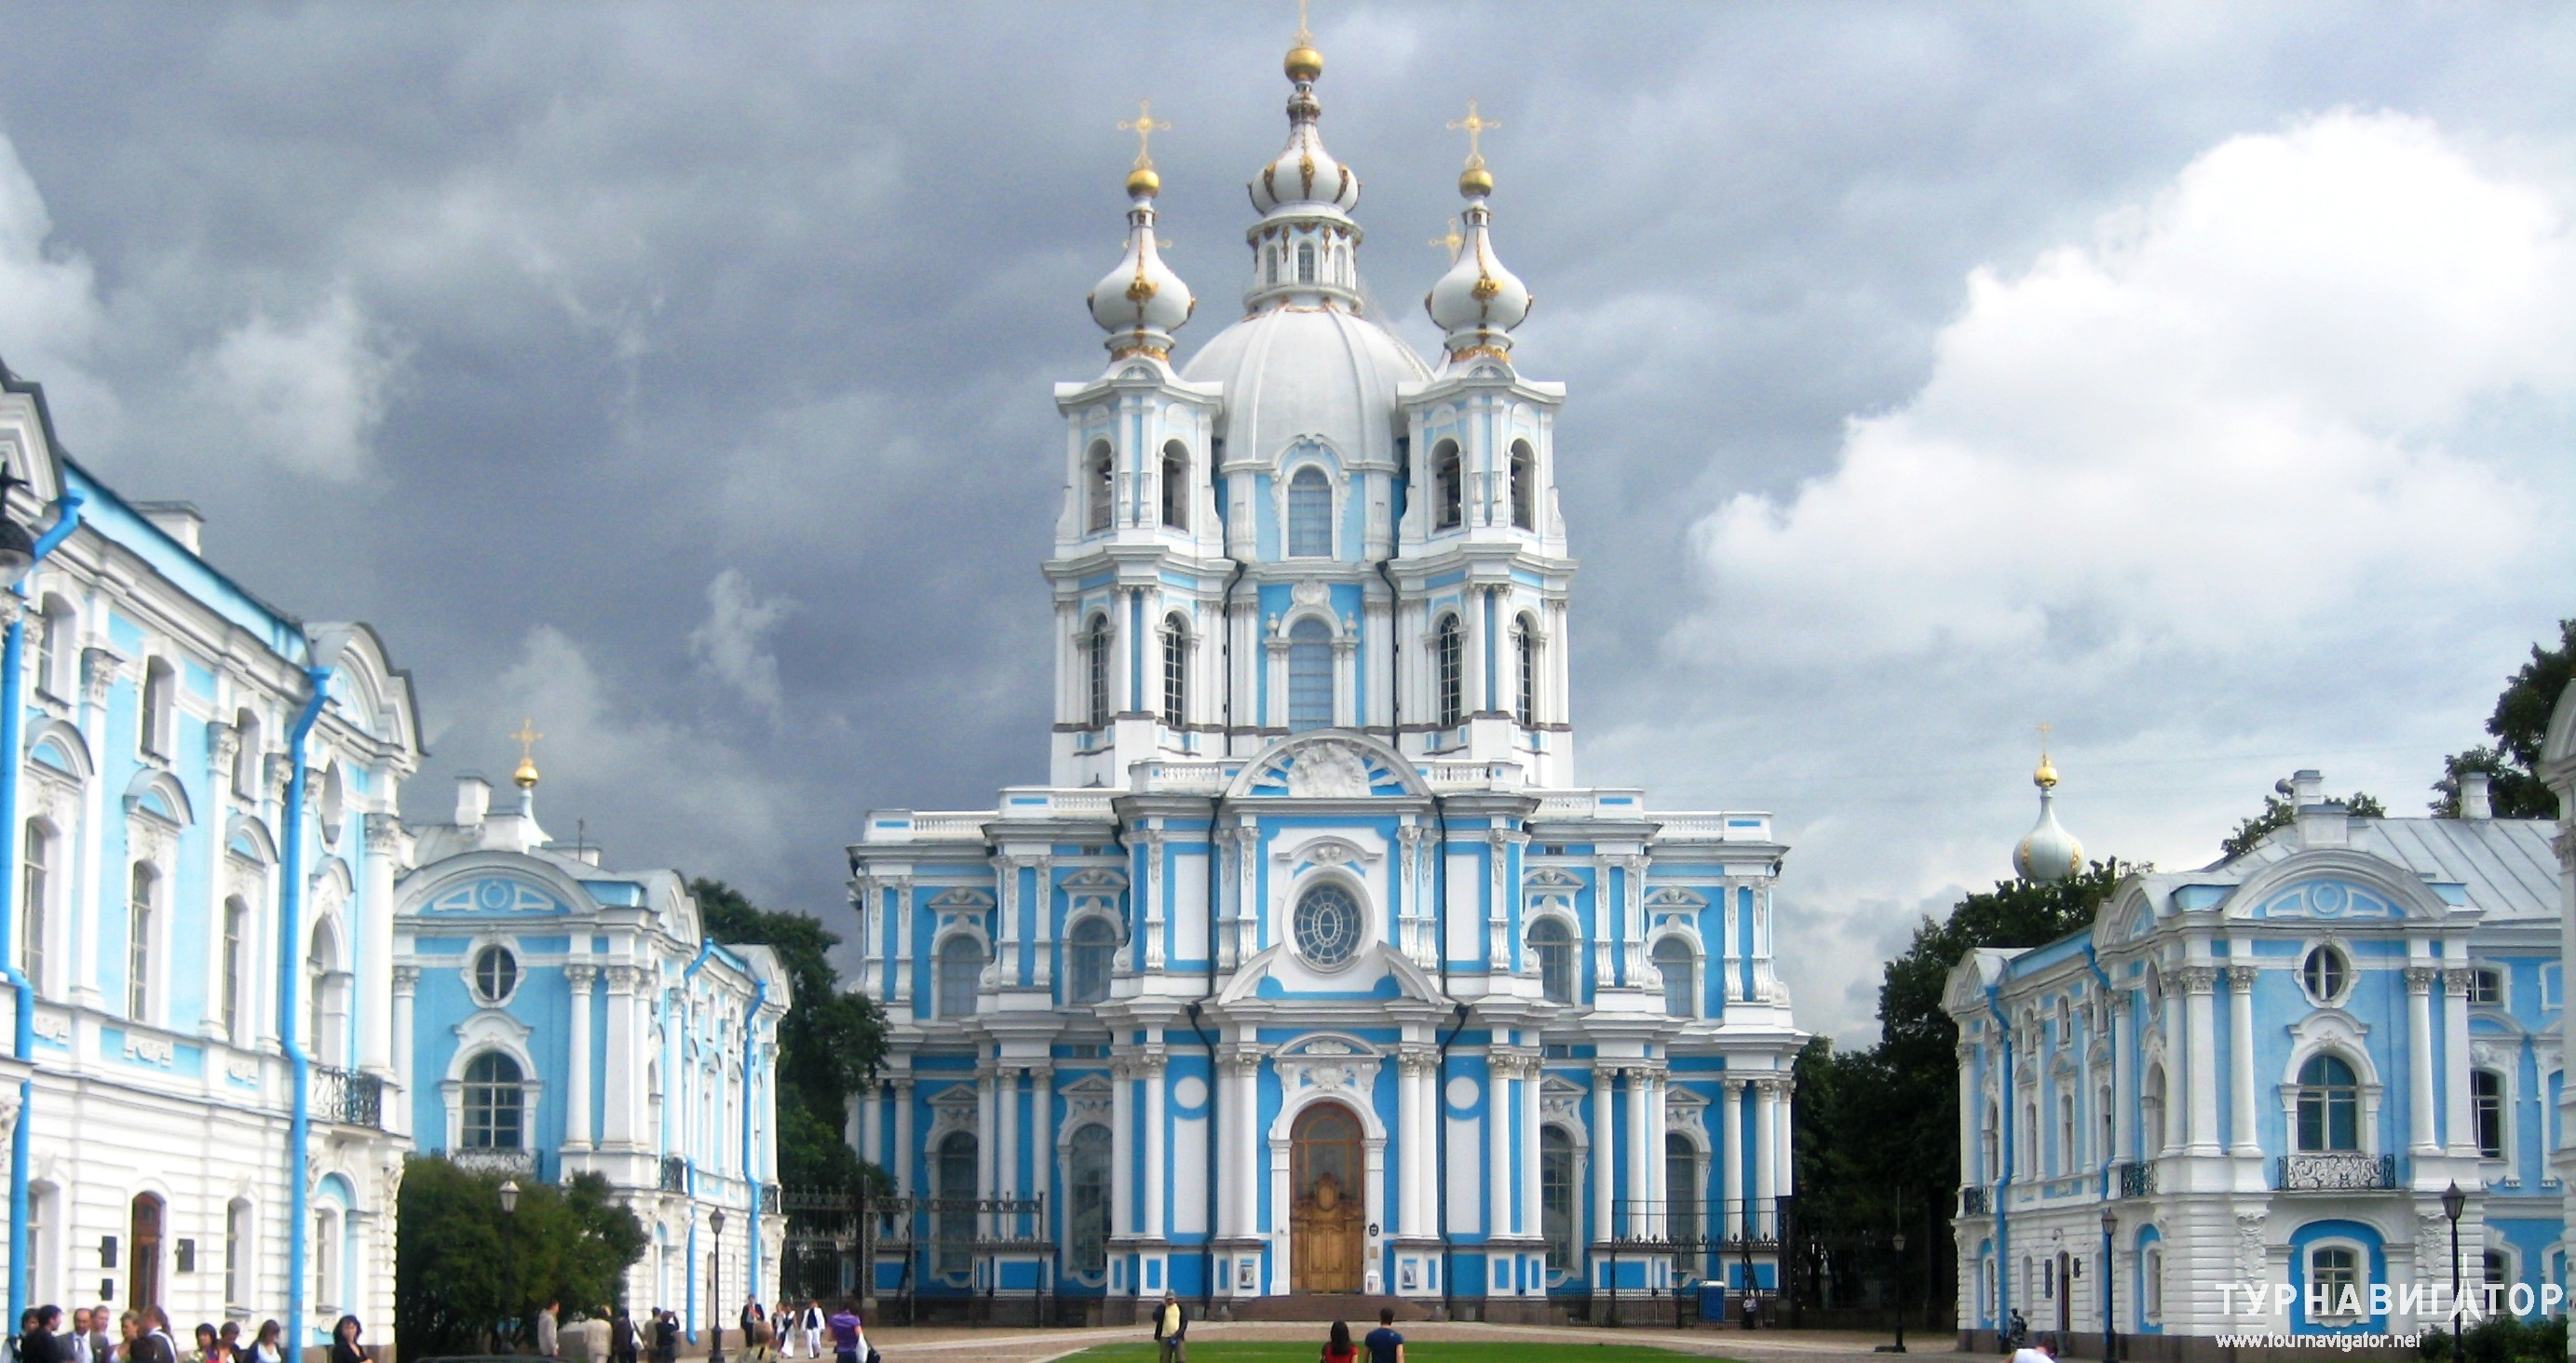 Les plus beaux lieux de culte en Russie Cath%C3%A9drale-smolny-st-pet